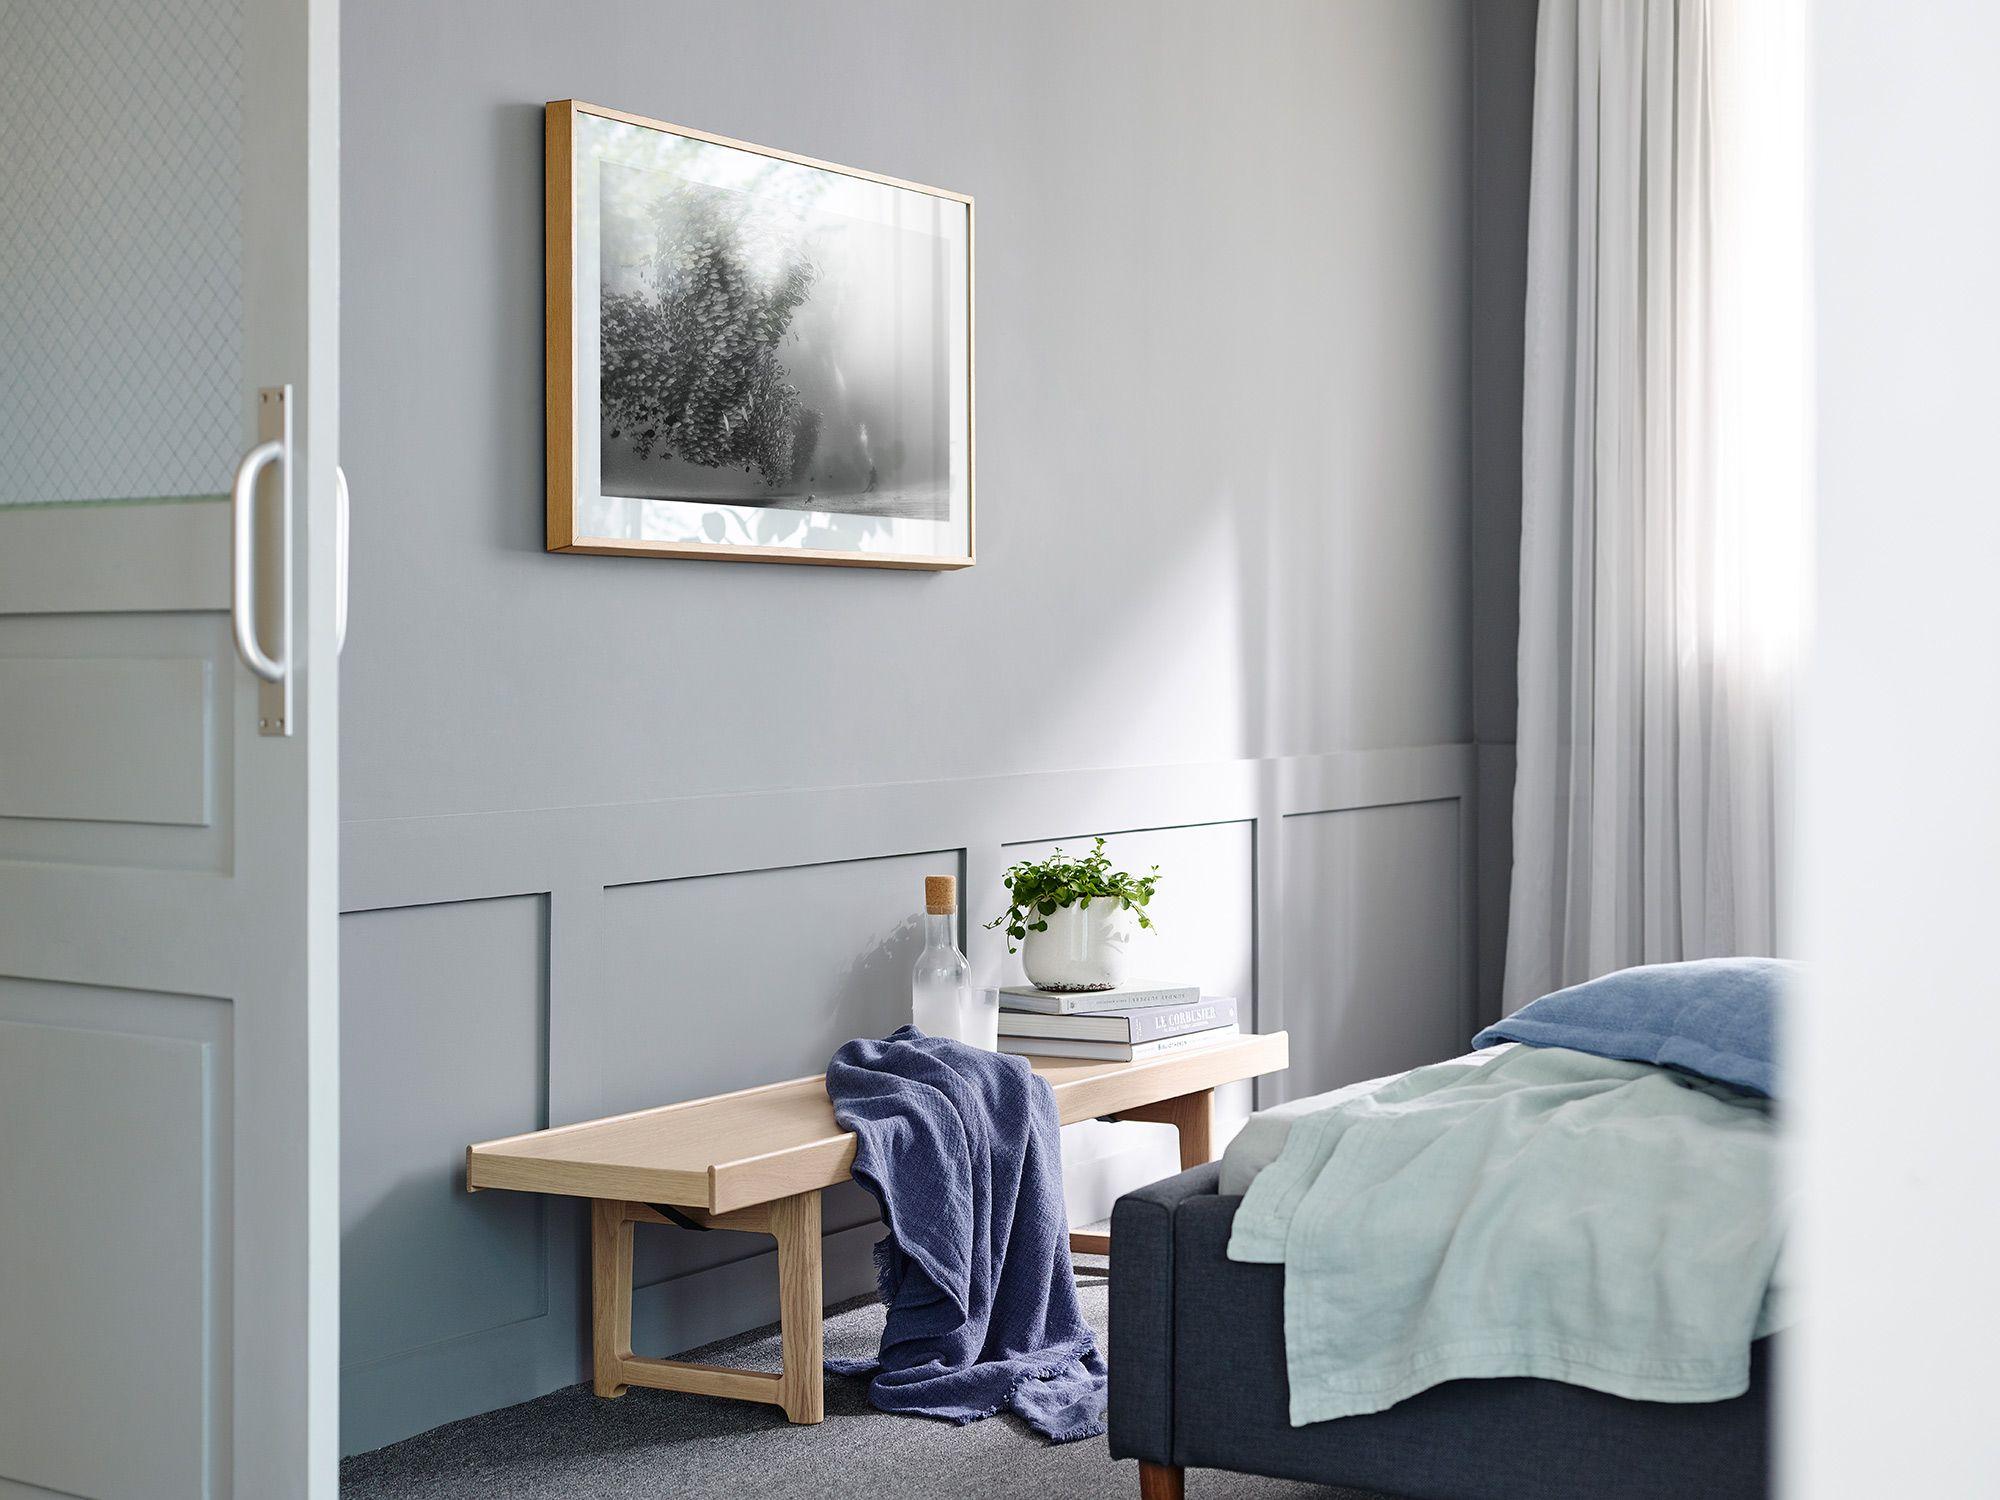 Samsung the Frame slaapkamer - NR 53!!! | Pinterest - Tv